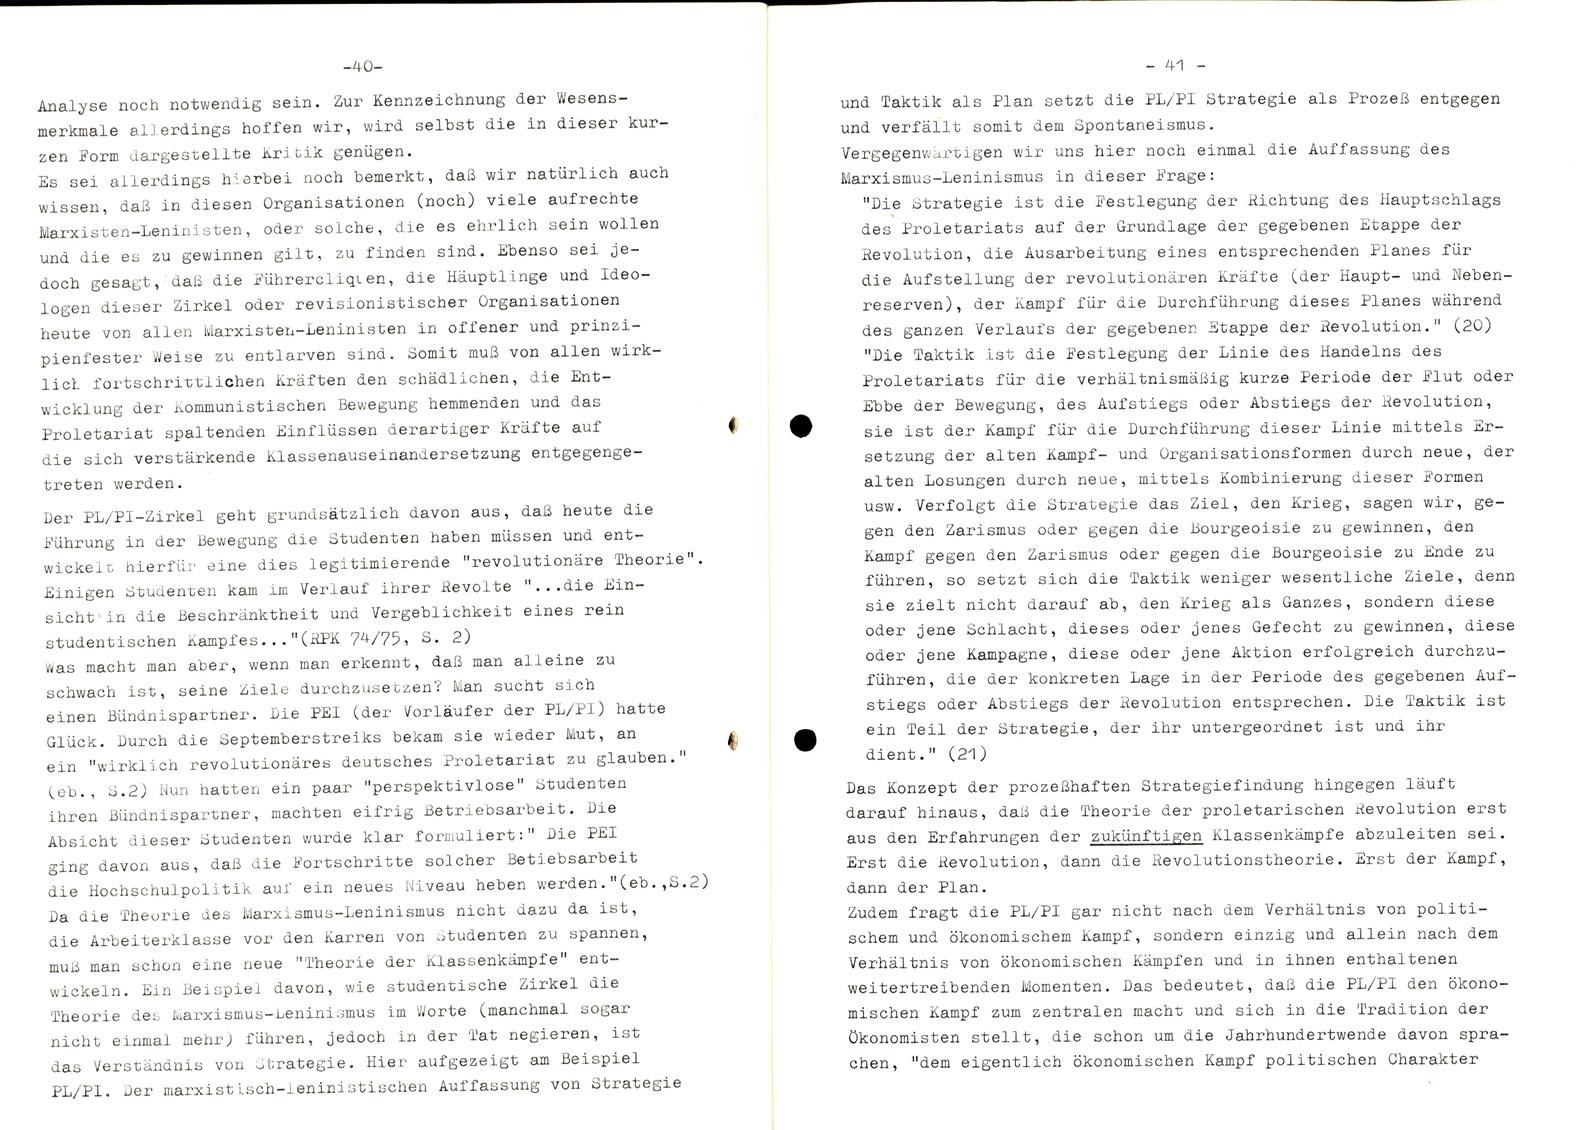 Aachen_KSBML_1971_Selbstkritik_22